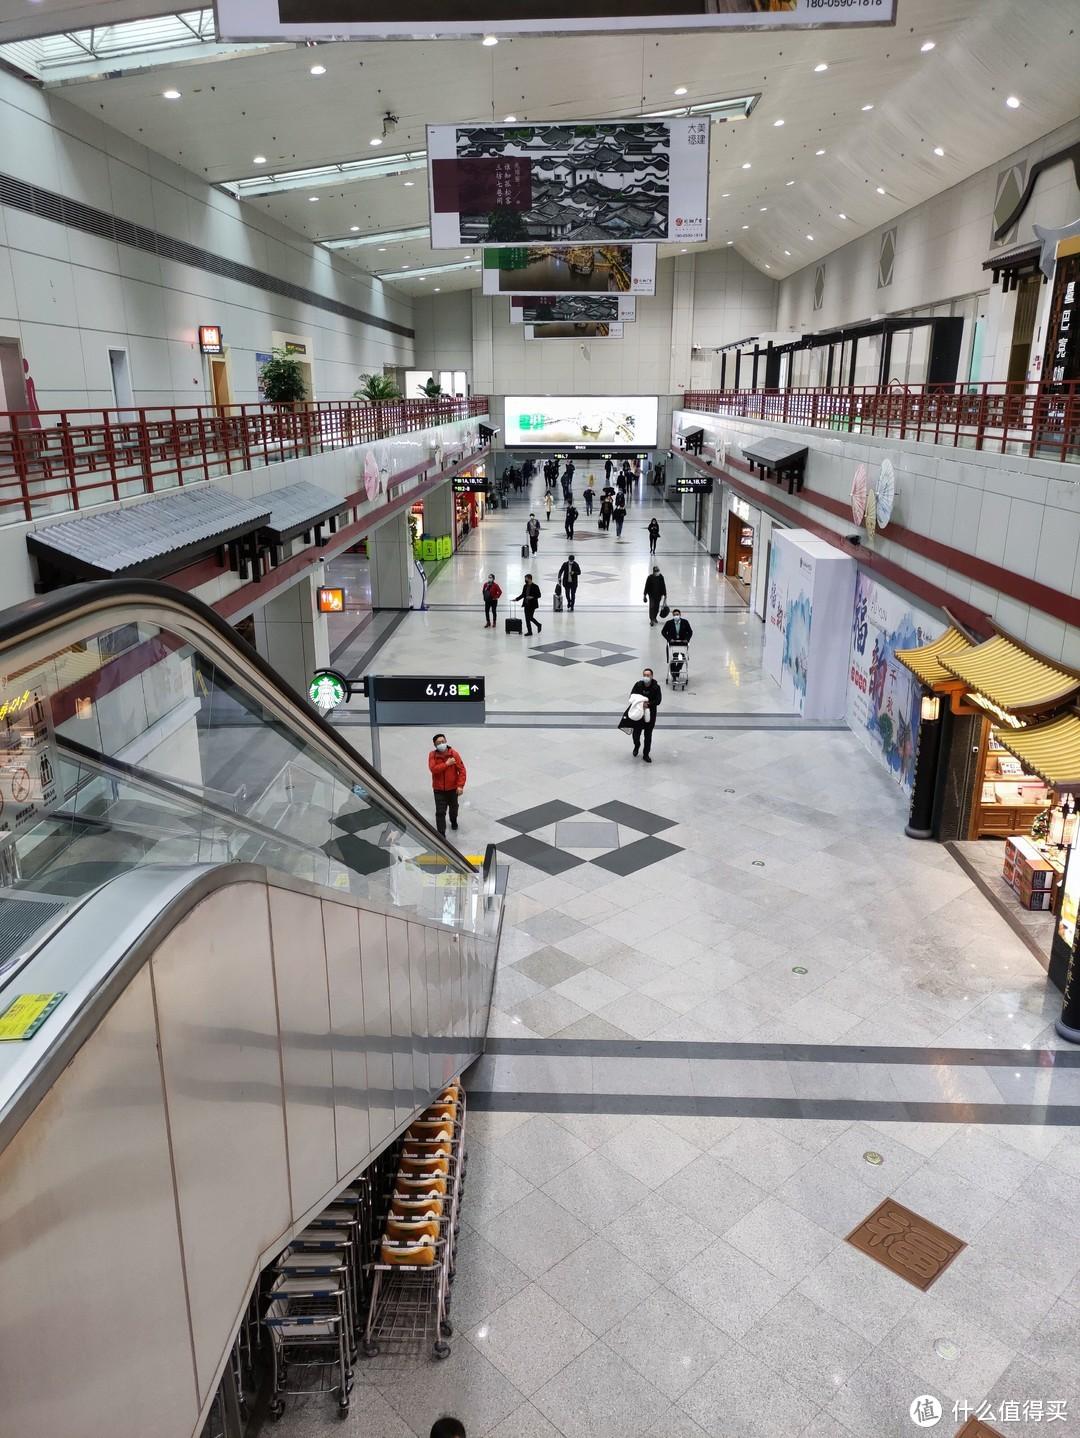 福州机场,设计风格感觉和厦门机场很像